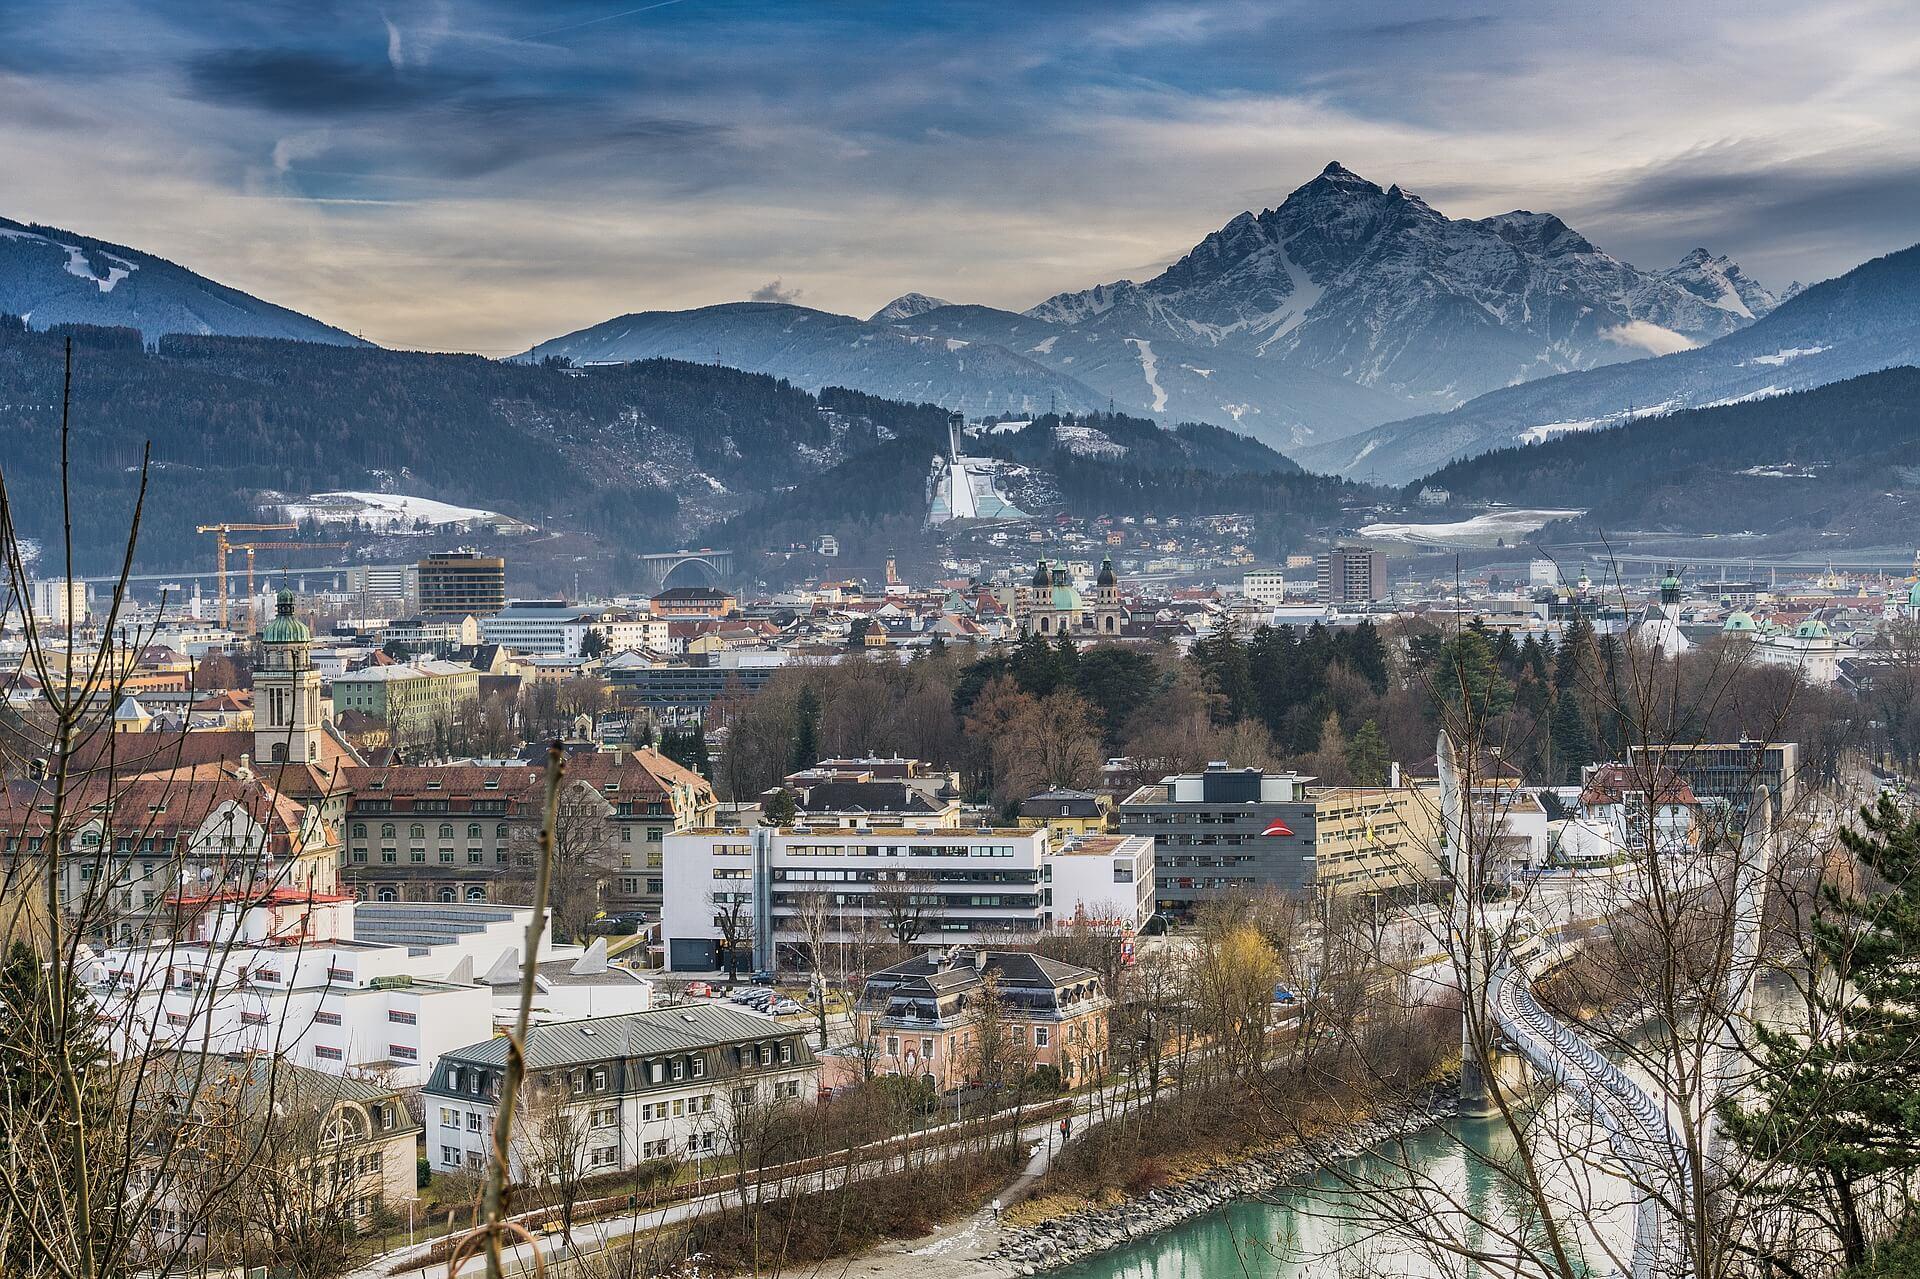 Direktflüge und Billigflüge nach Innsbruck